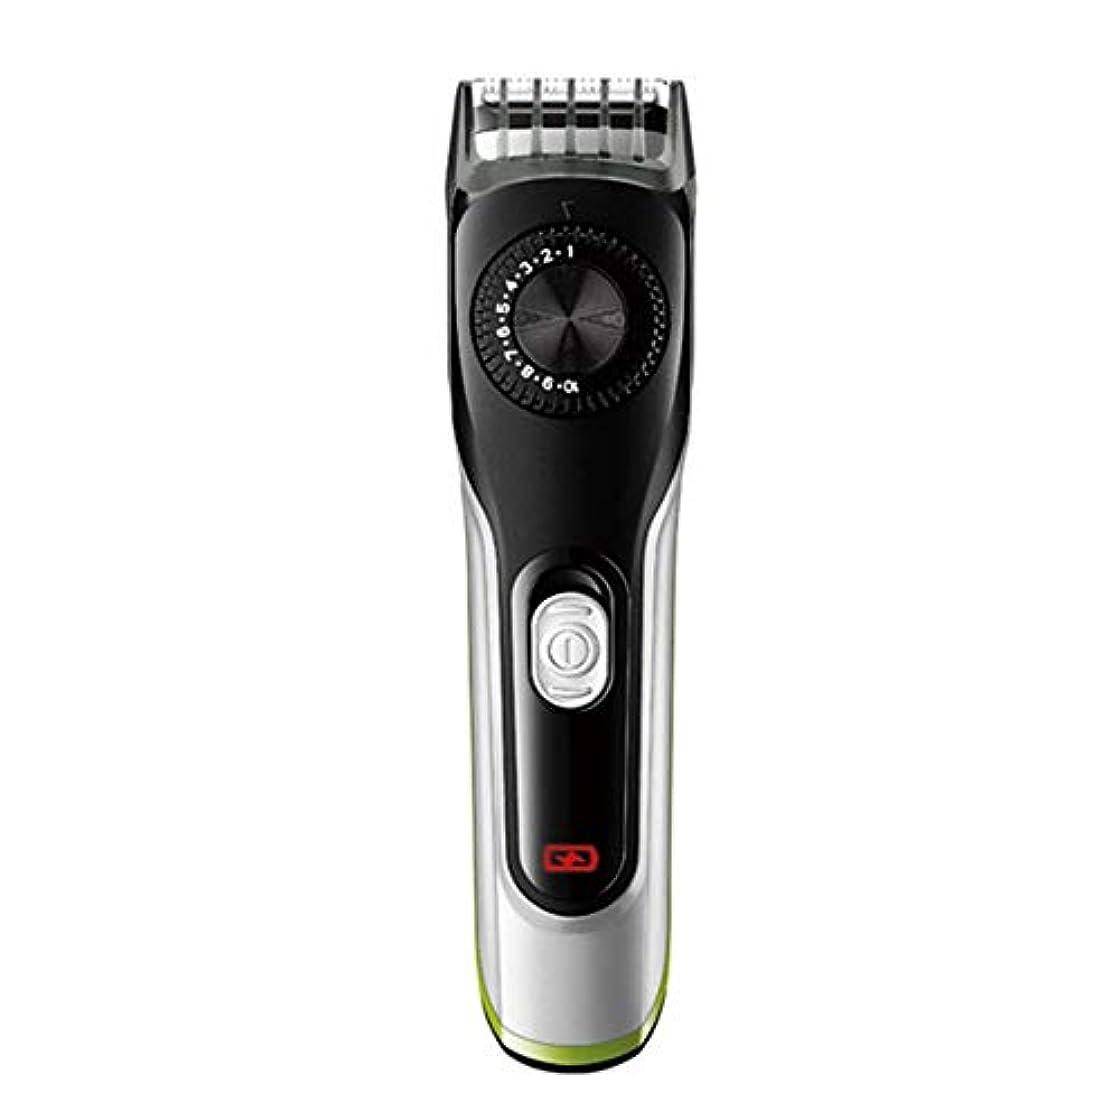 シンプトンドキドキ自伝バリカン、電気男性のセルフサービス低ノイズコードレスひげトリマー男性の髪カットのためのガイドコーム付き防水電気クリッパー